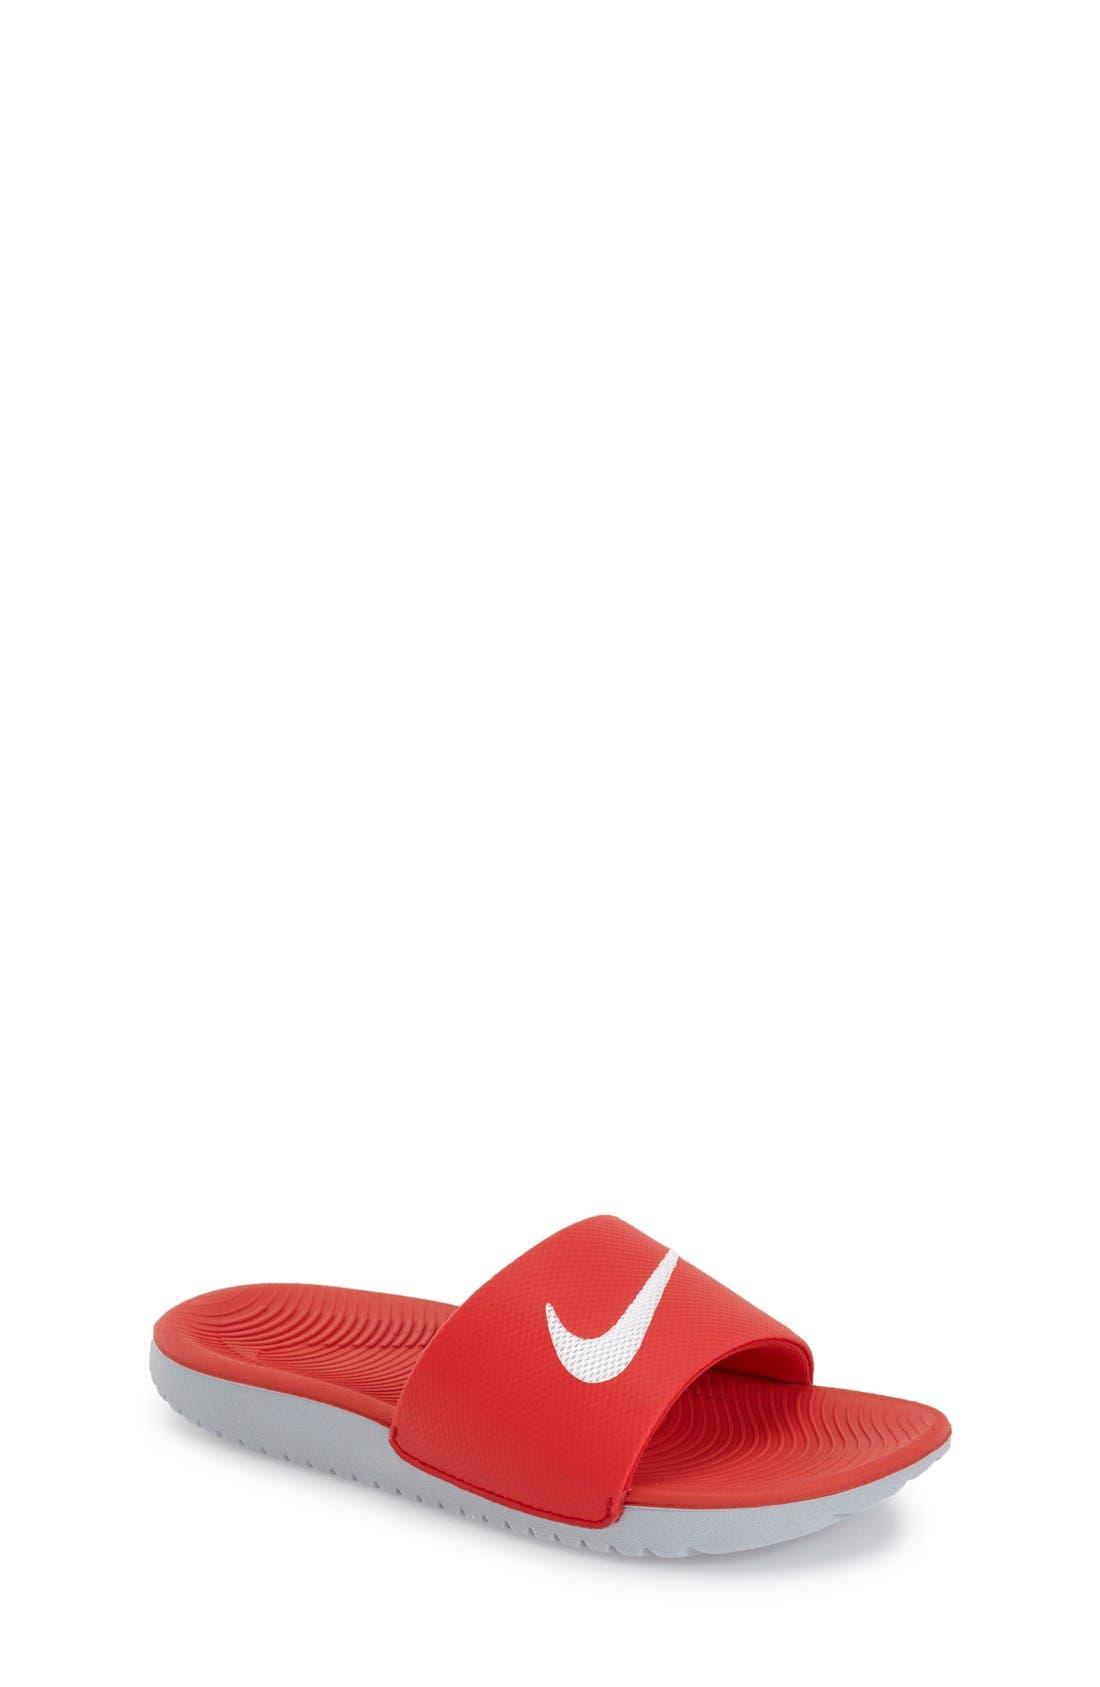 'Kawa' Slide Sandal,                             Main thumbnail 1, color,                             University Red/ White